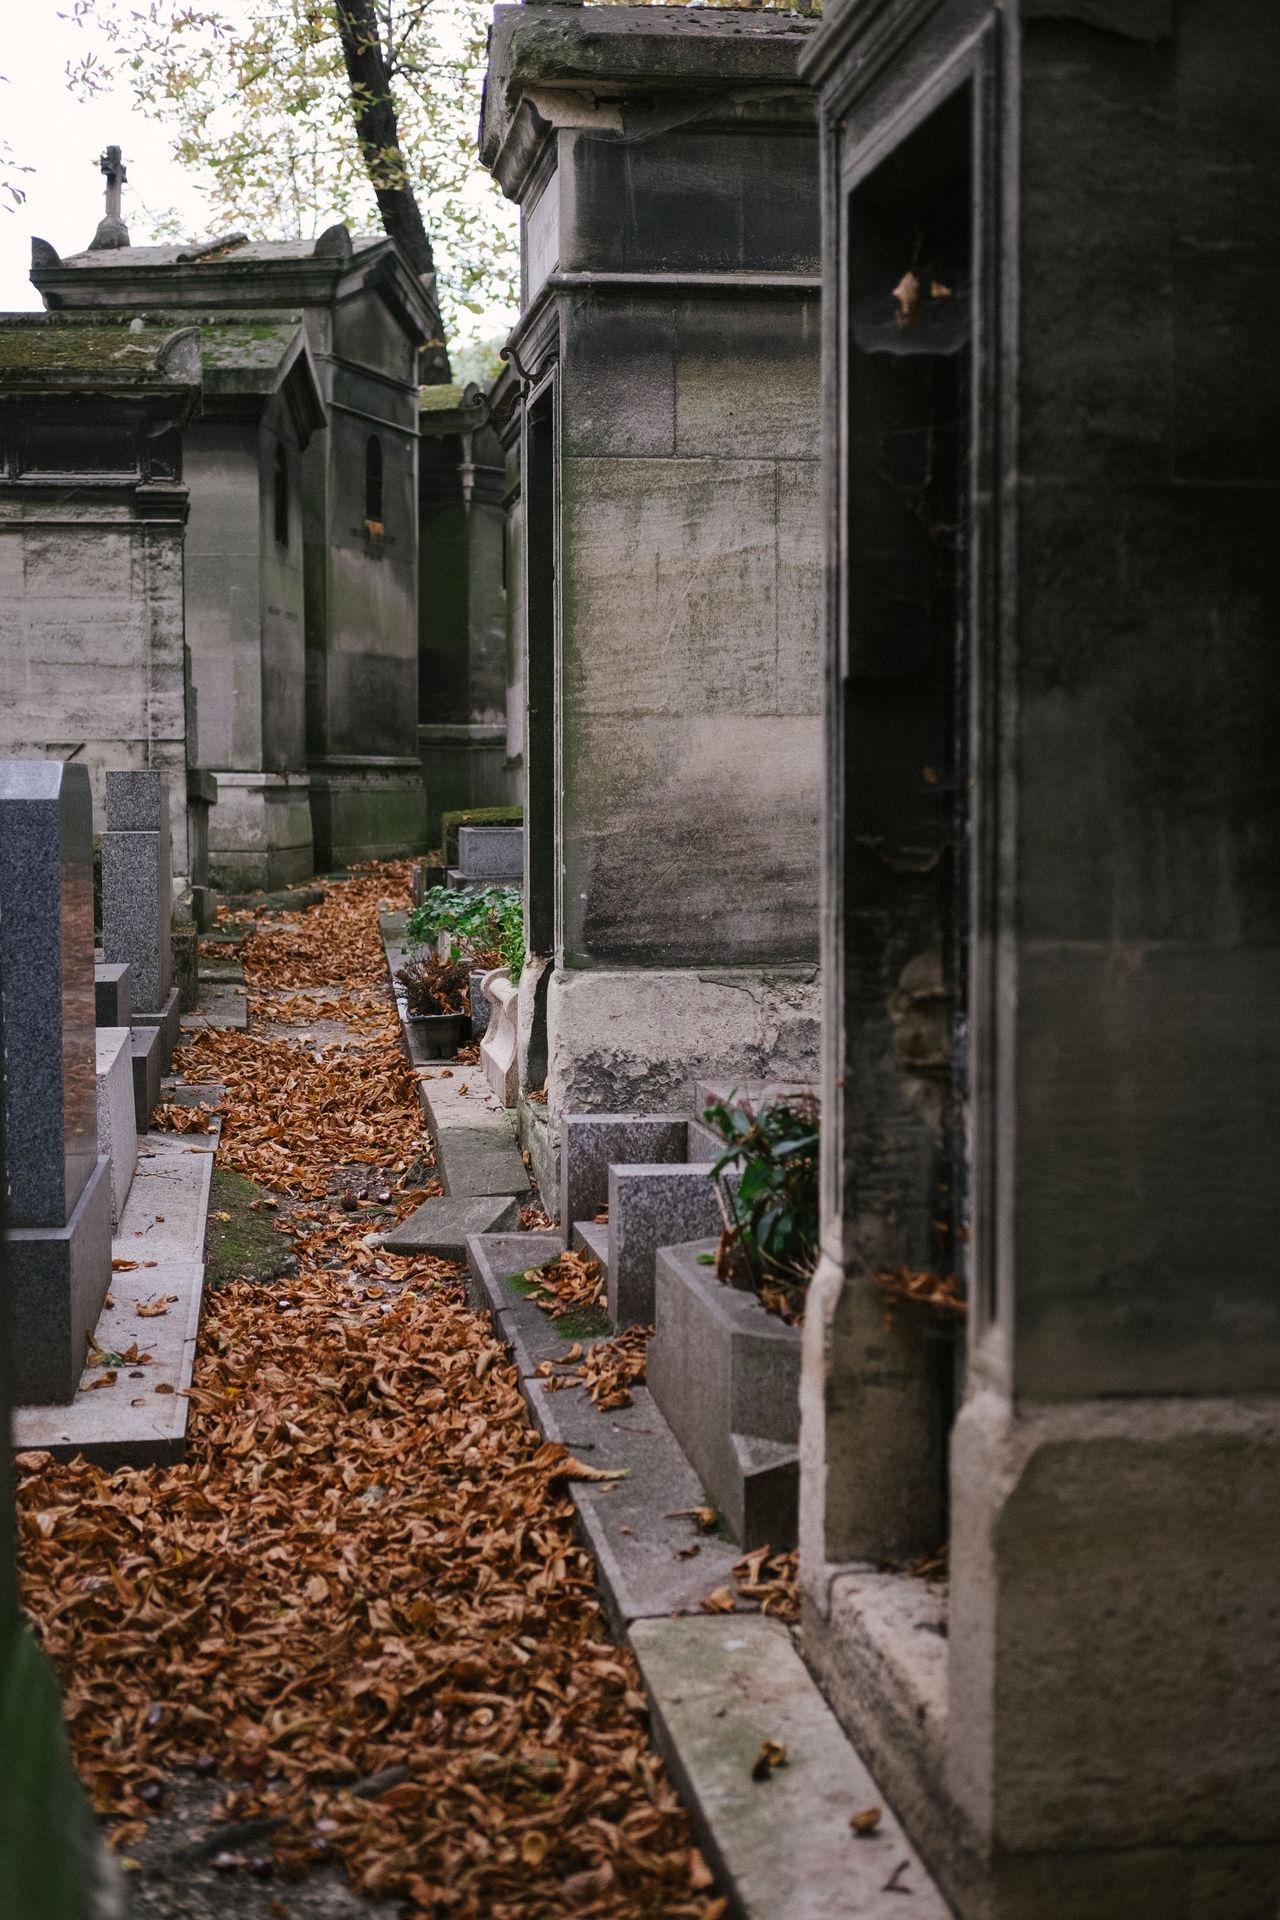 Autumn Autumn Leaves Cemetery City Day Fallen Leaves France Mausoleum No People Outdoors Paris Path Père Lachaise